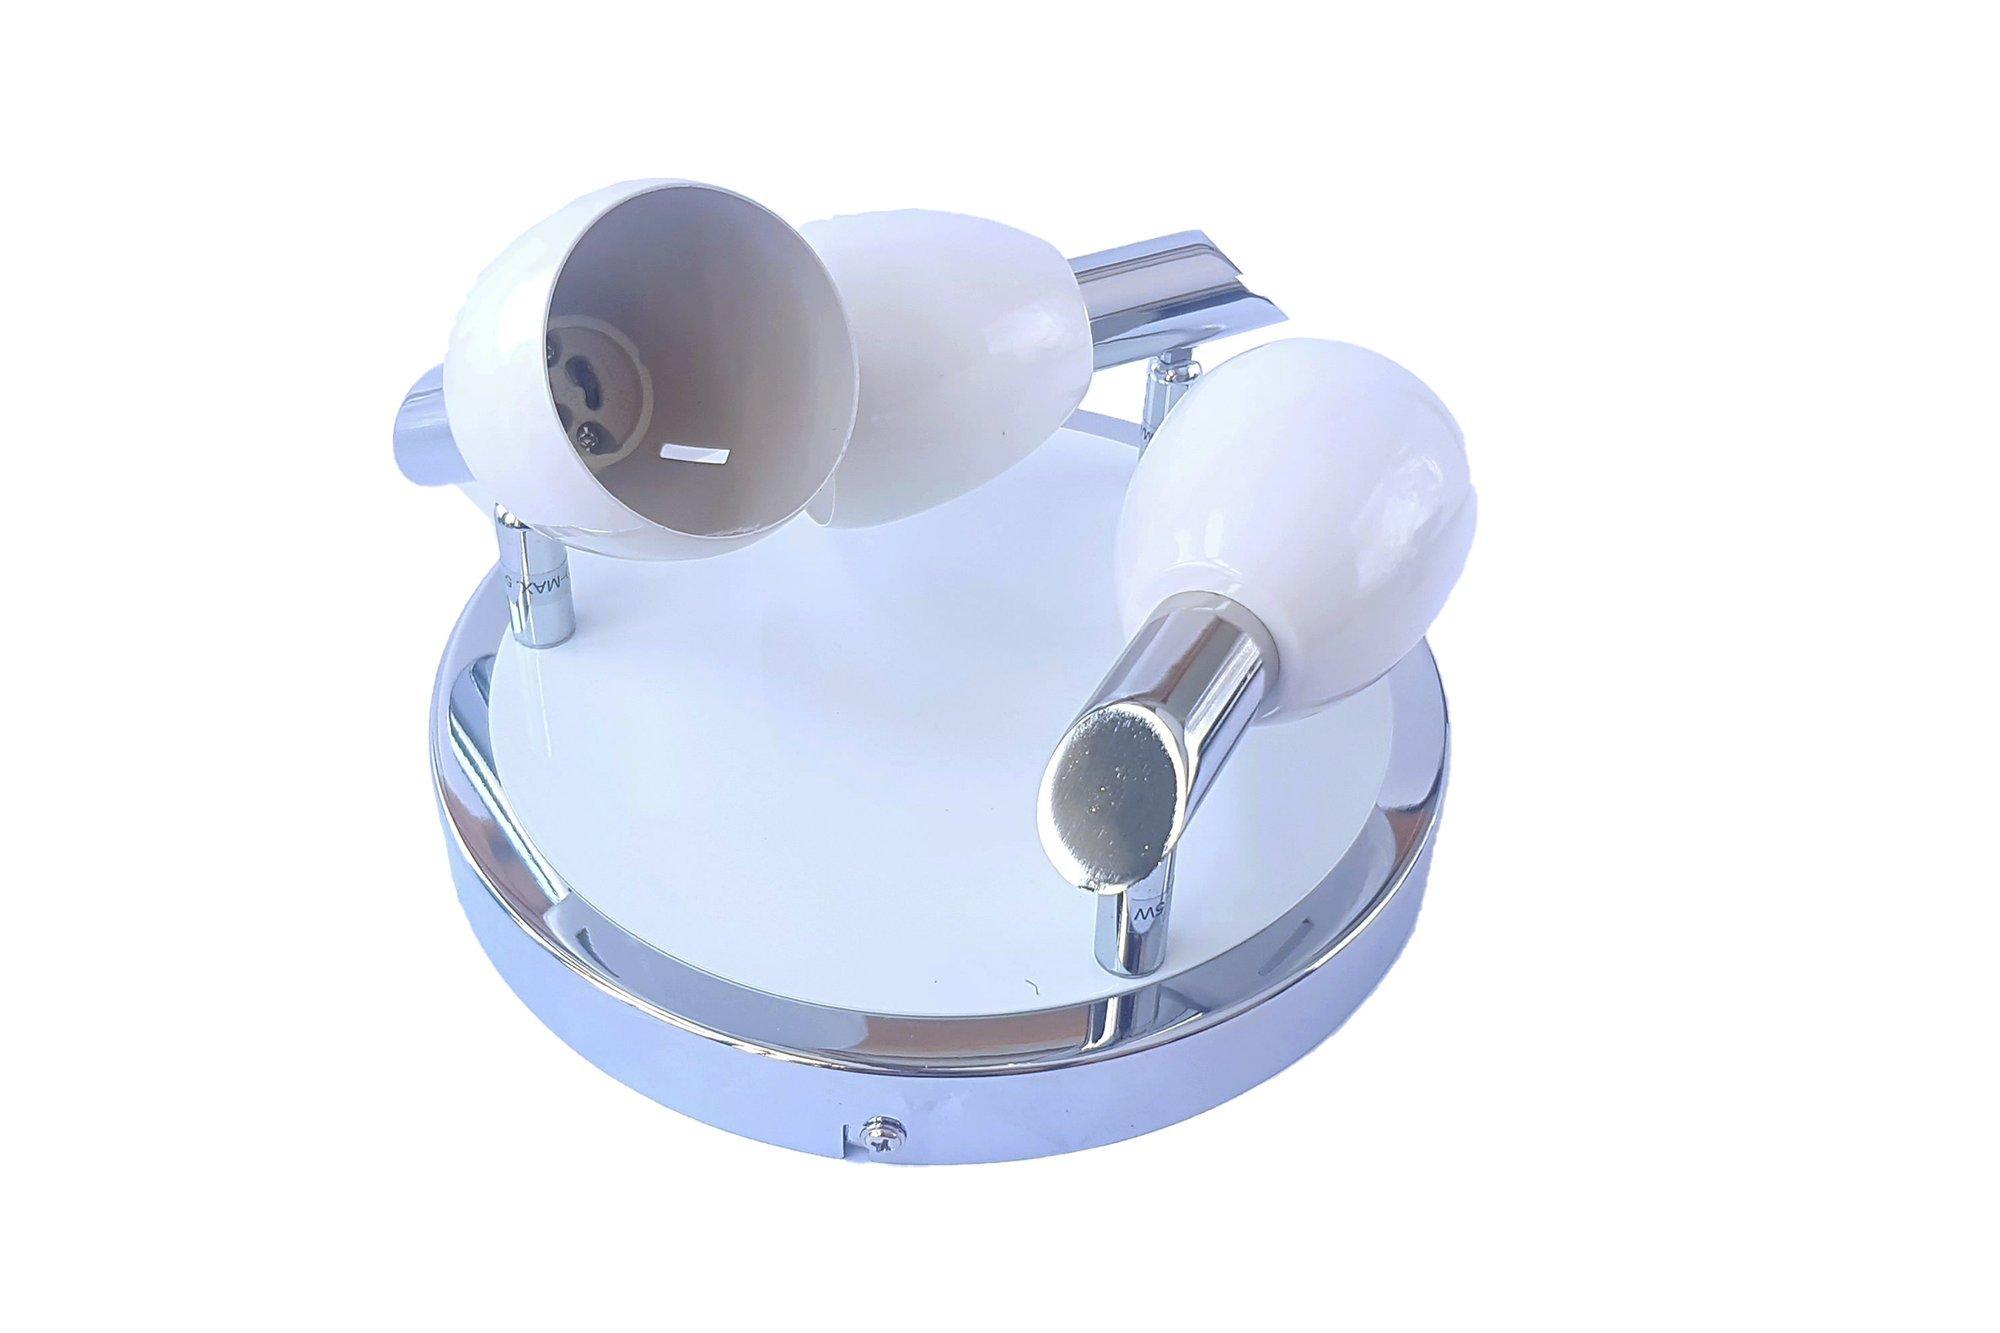 Briloner Spotlight 3408-036 LED Ceiling GU10 Chrome White